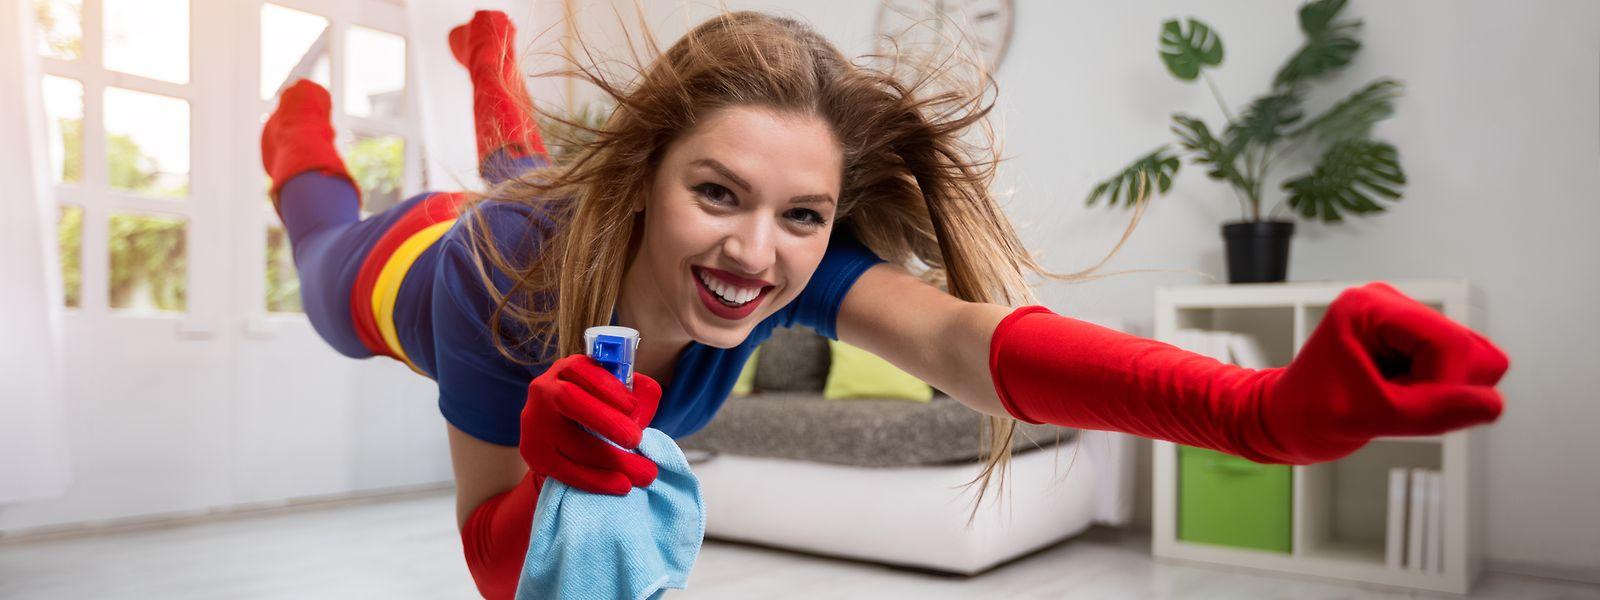 Il faut croire que les familles manquaient cruellement de produits ménagers, les ventes ont aussi explosé depuis mars...